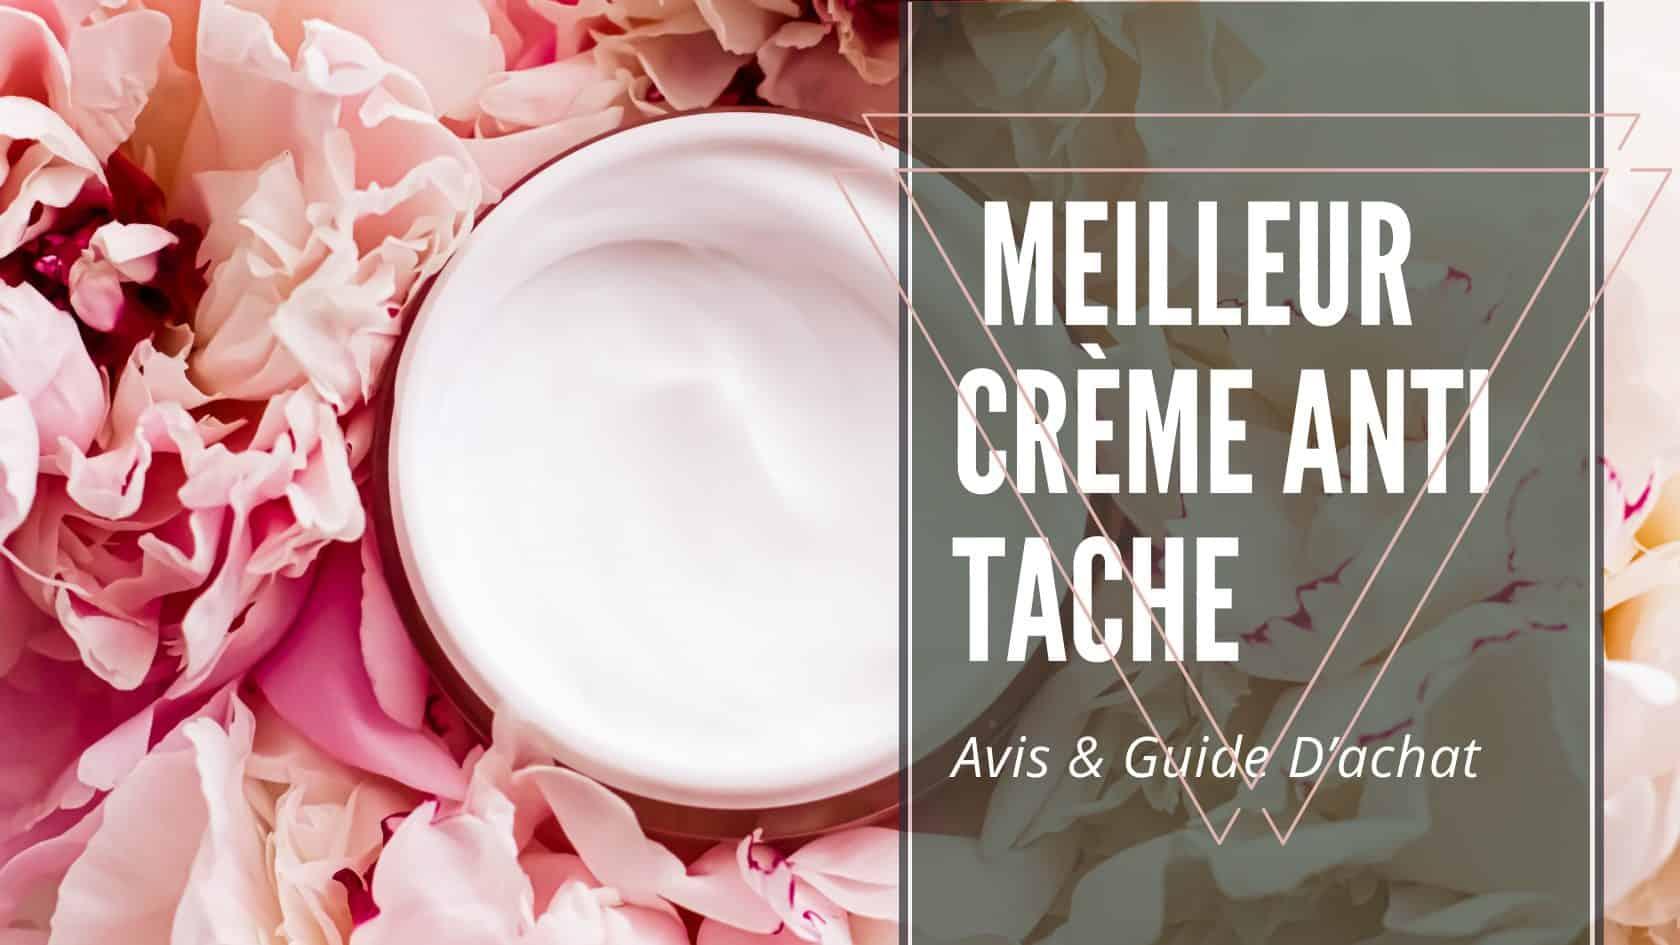 Meilleur Crème Anti Tache